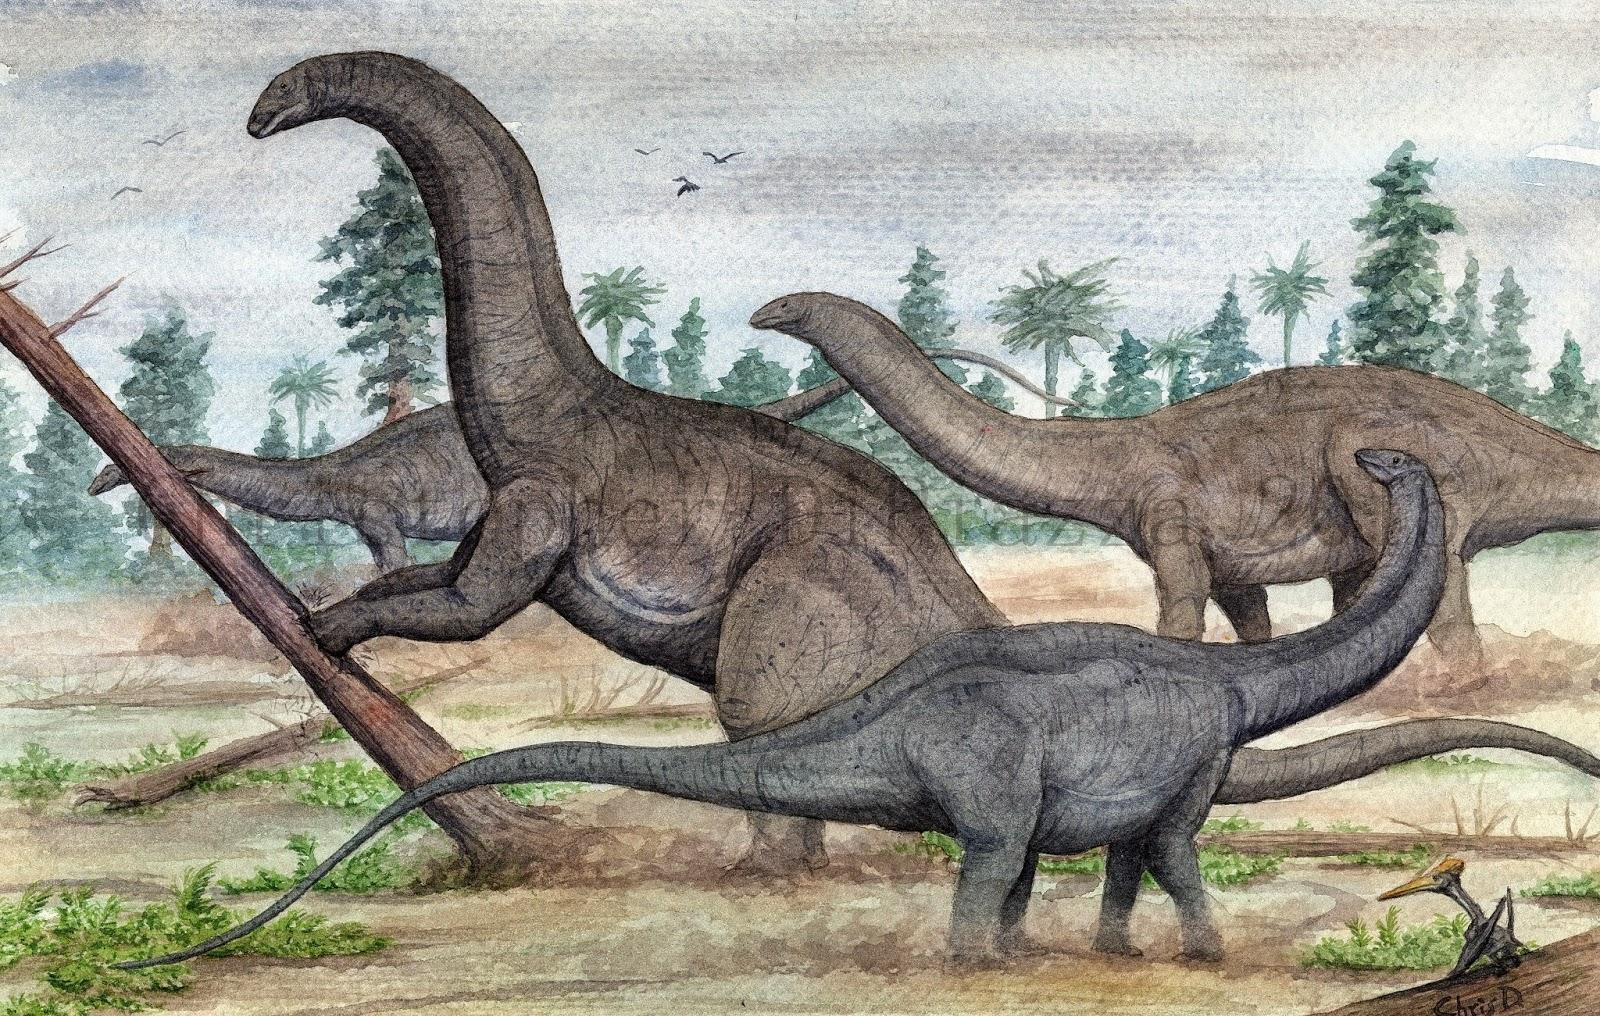 Prehistoric Beast of the Week: Apatosaurus: Beast of the Week